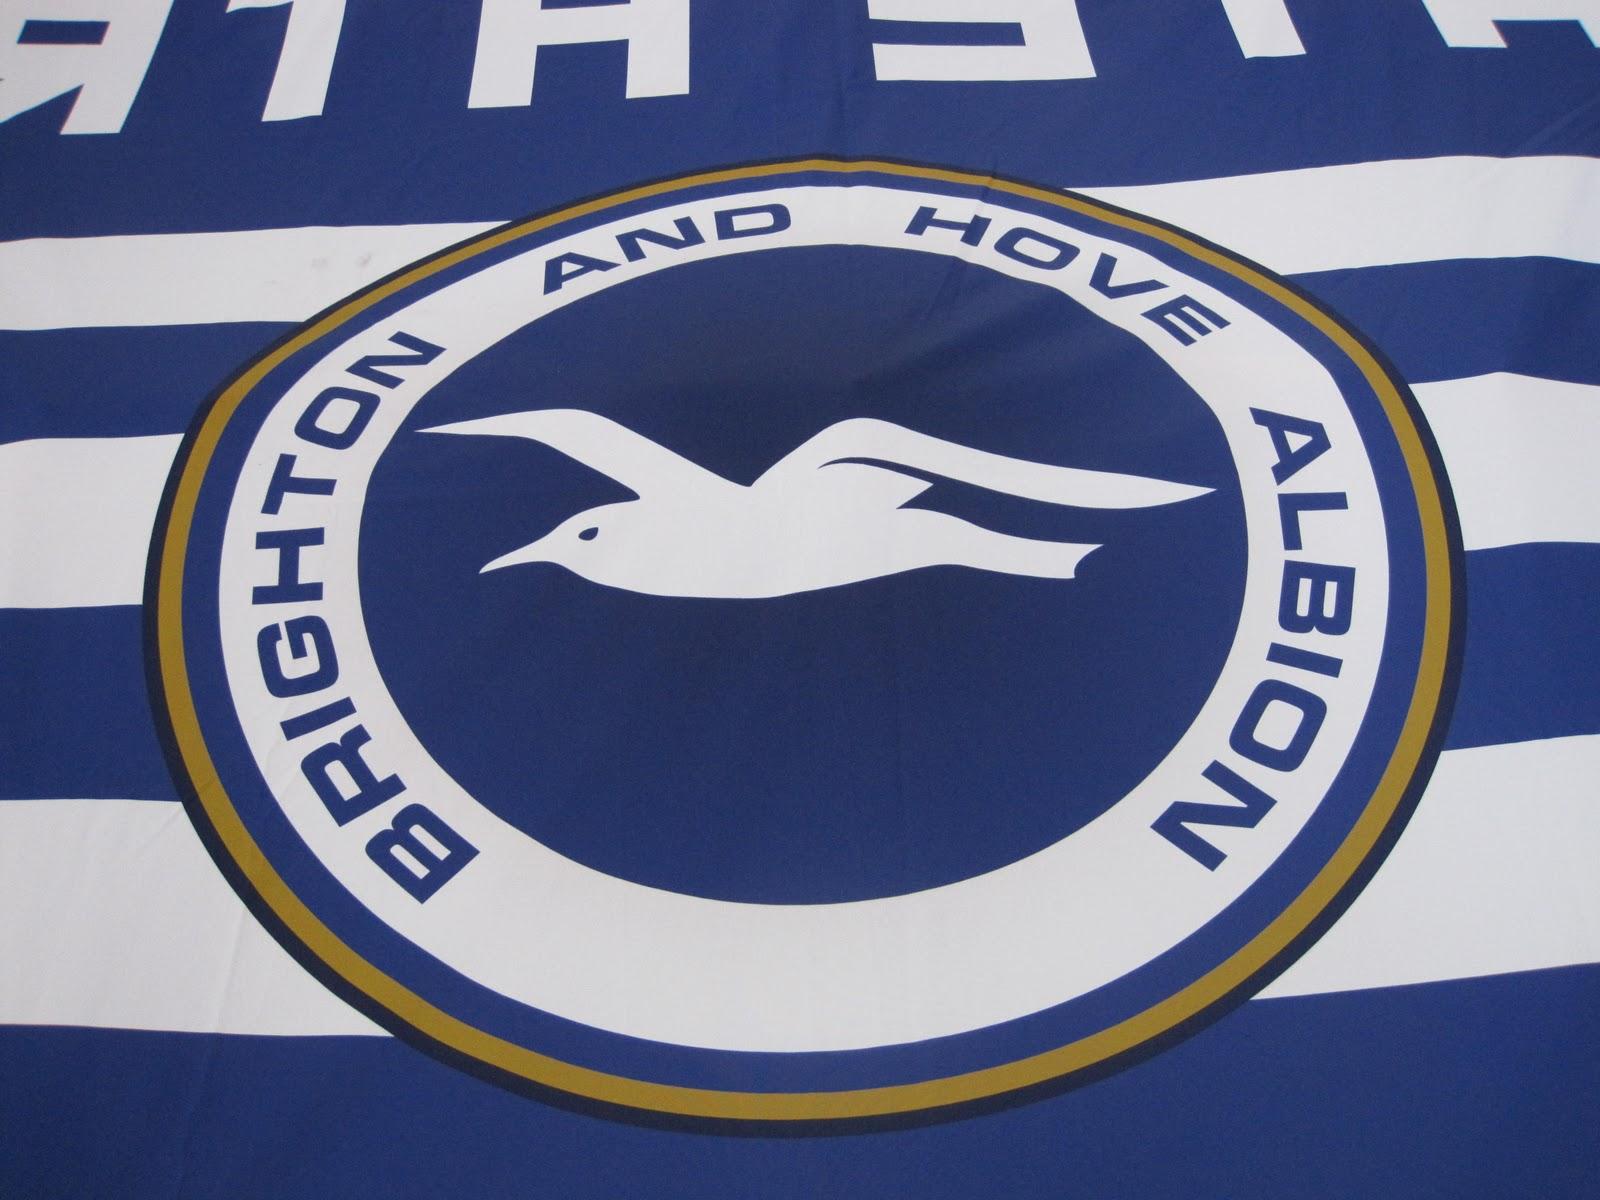 Il Blog Di Pasquale Madonna: Brighton And Hove Albion FC Jobs